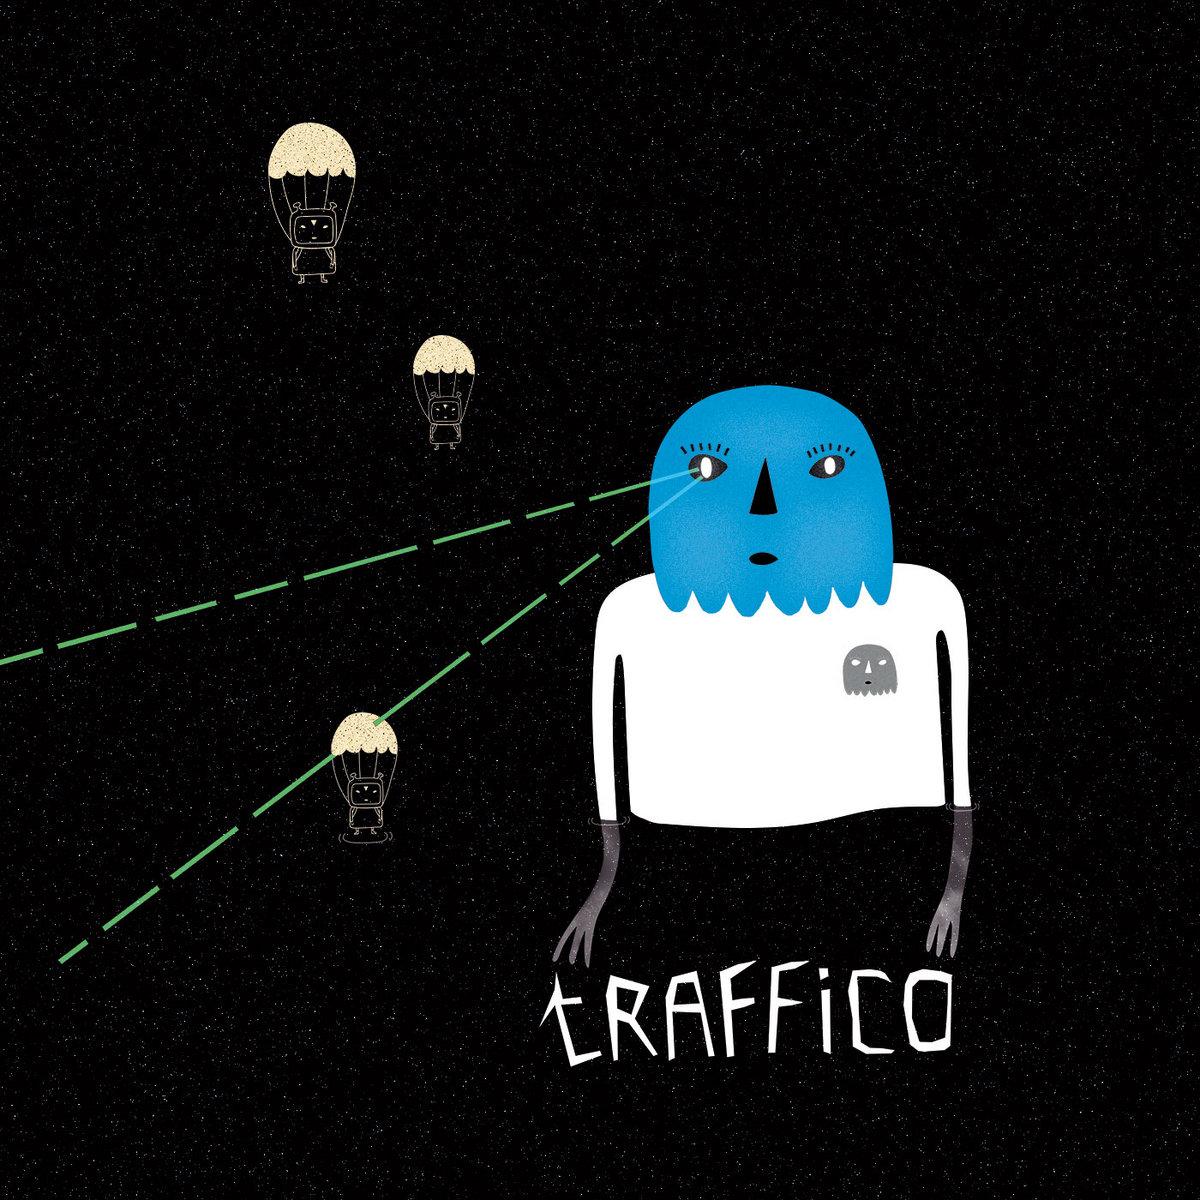 Traffico - indie rock